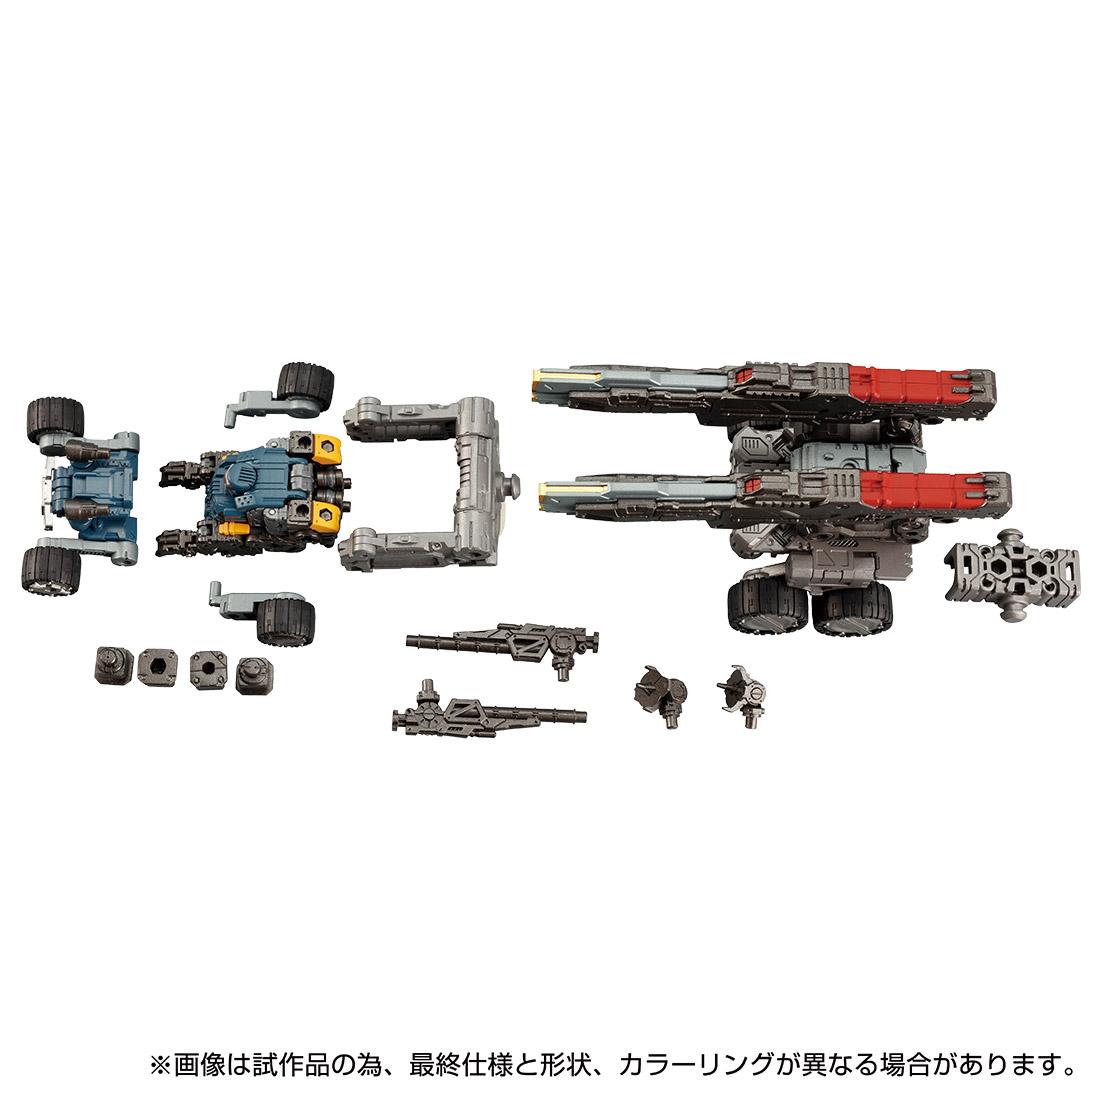 ダイアクロン『DA-55 ヴァースライザー2号』可動フィギュア-003